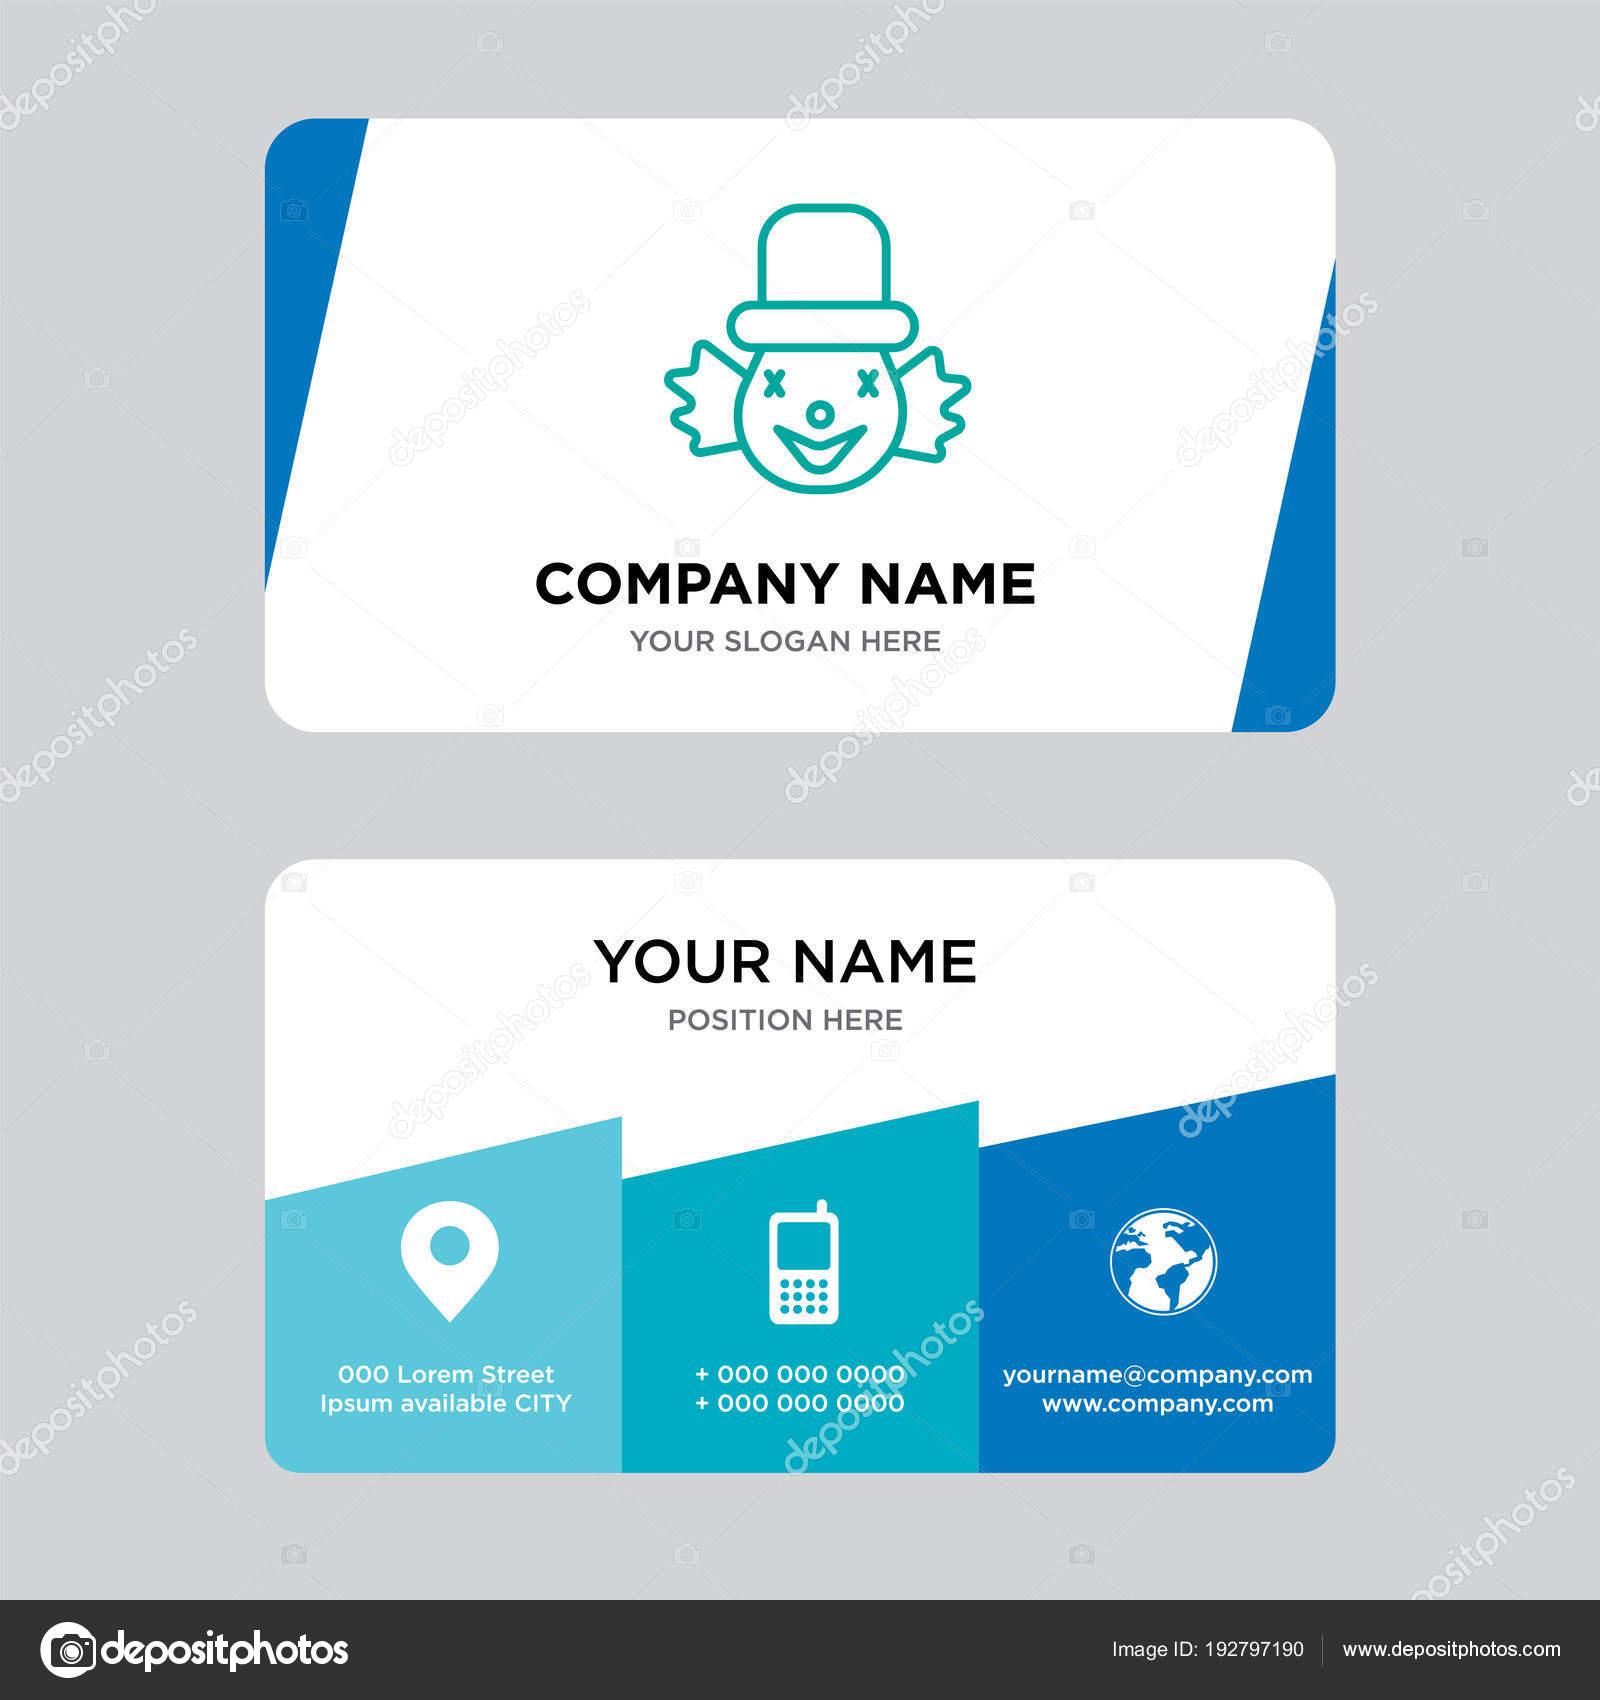 Clown business card design template stock vector urfandadashov clown business card design template stock vector colourmoves